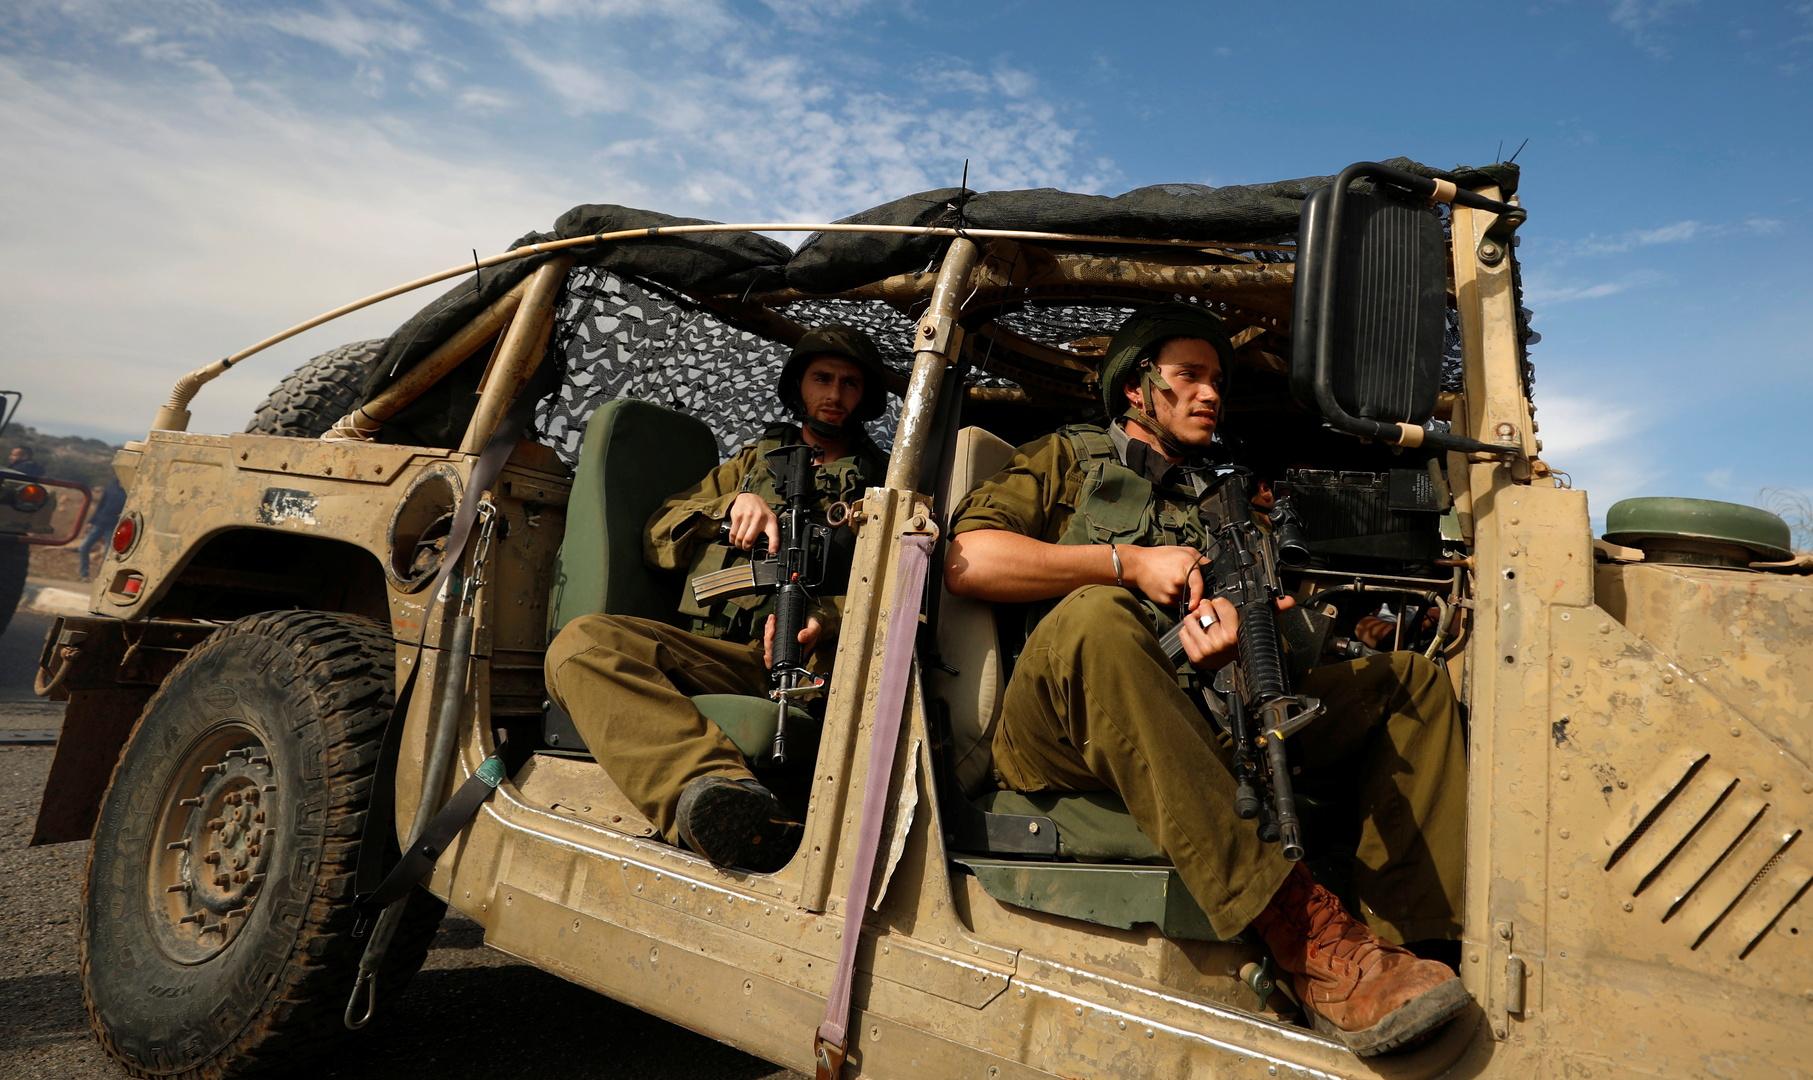 إسرائيل.. جنود يصوبون أسلحتهم نحو نائب رئيس أركان الجيش